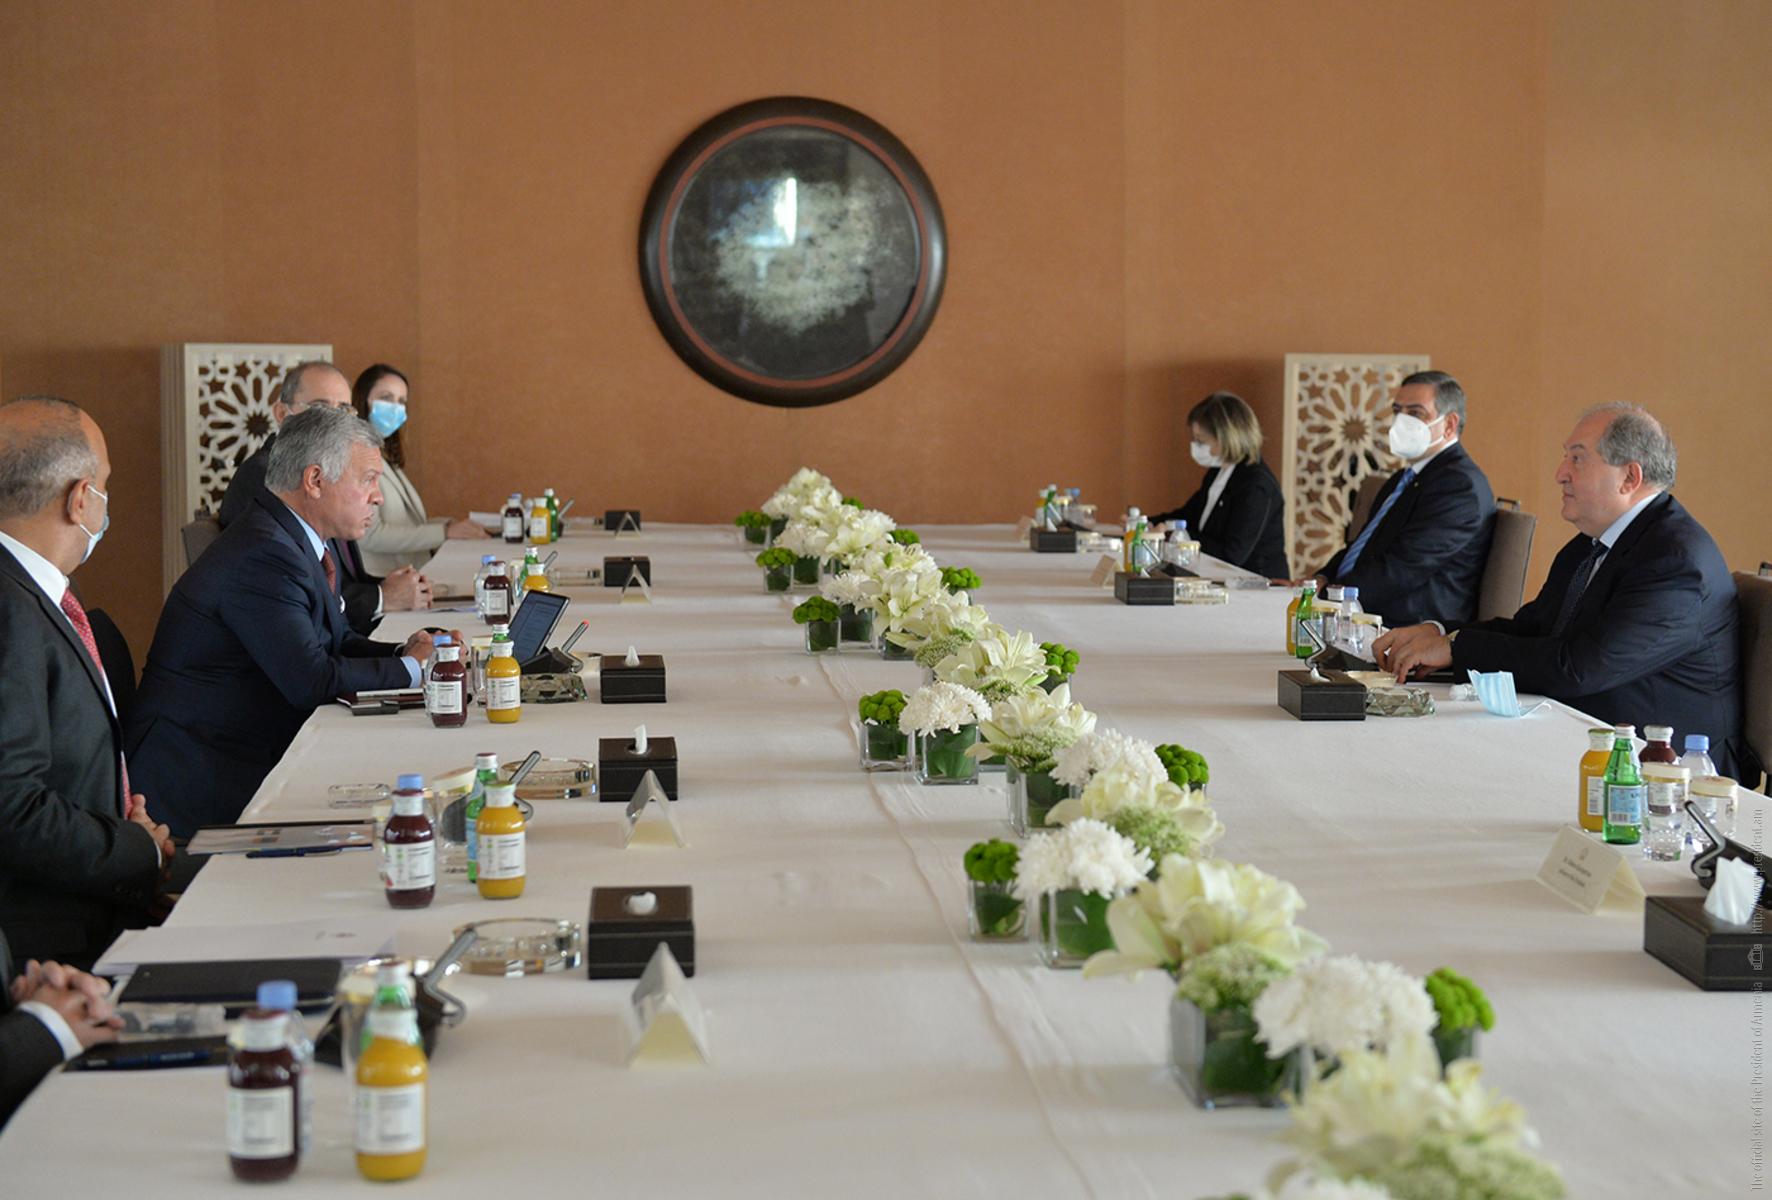 Photo of Հորդանանի թագավորական ընդունելությունների պալատում տեղի է ունեցել ՀՀ նախագահի դիմավորման պաշտոնական արարողությունը